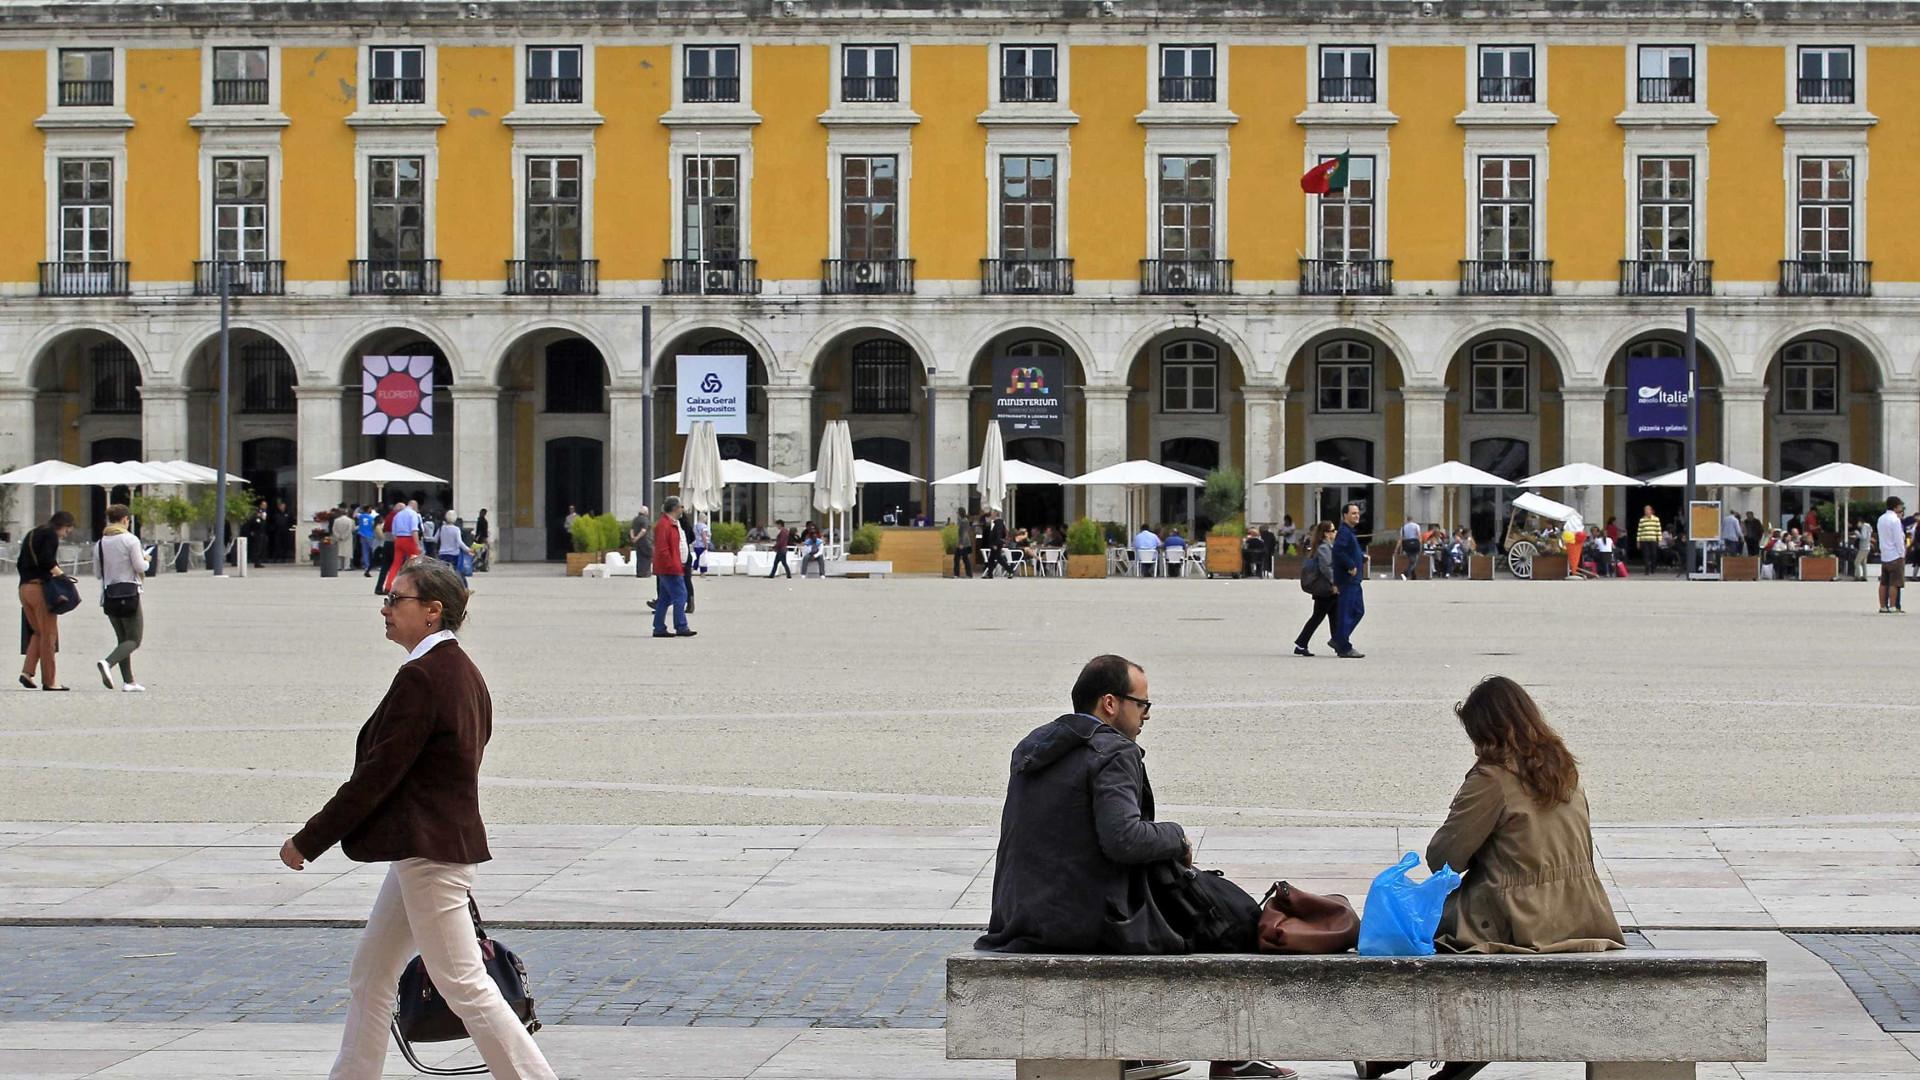 Número de hotéis em Lisboa quase duplica em 10 anos